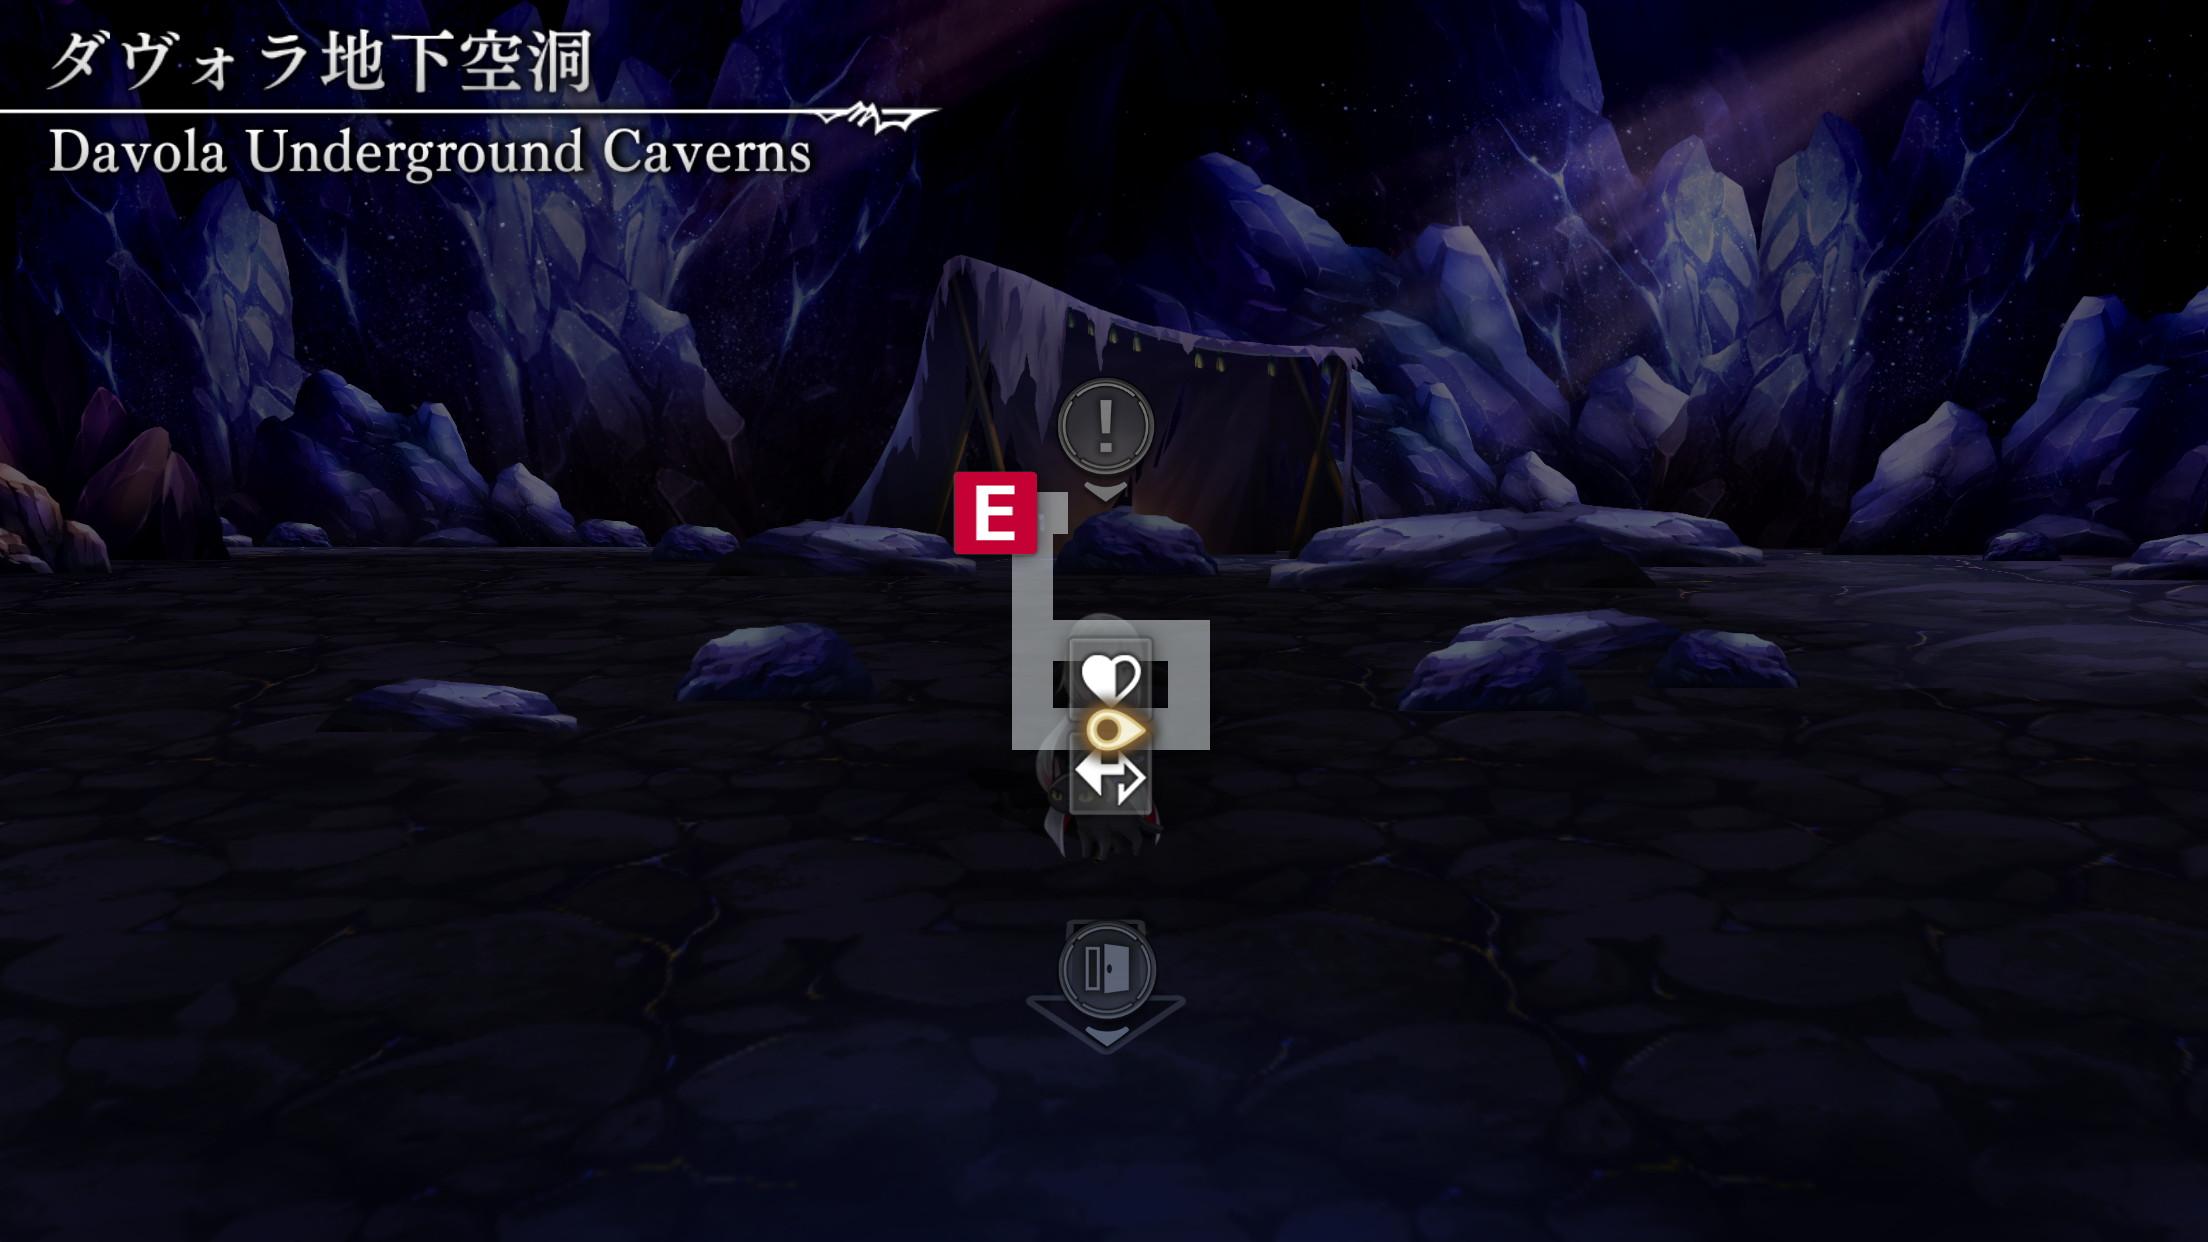 ダヴォラ地下空洞ストーリーマップ5